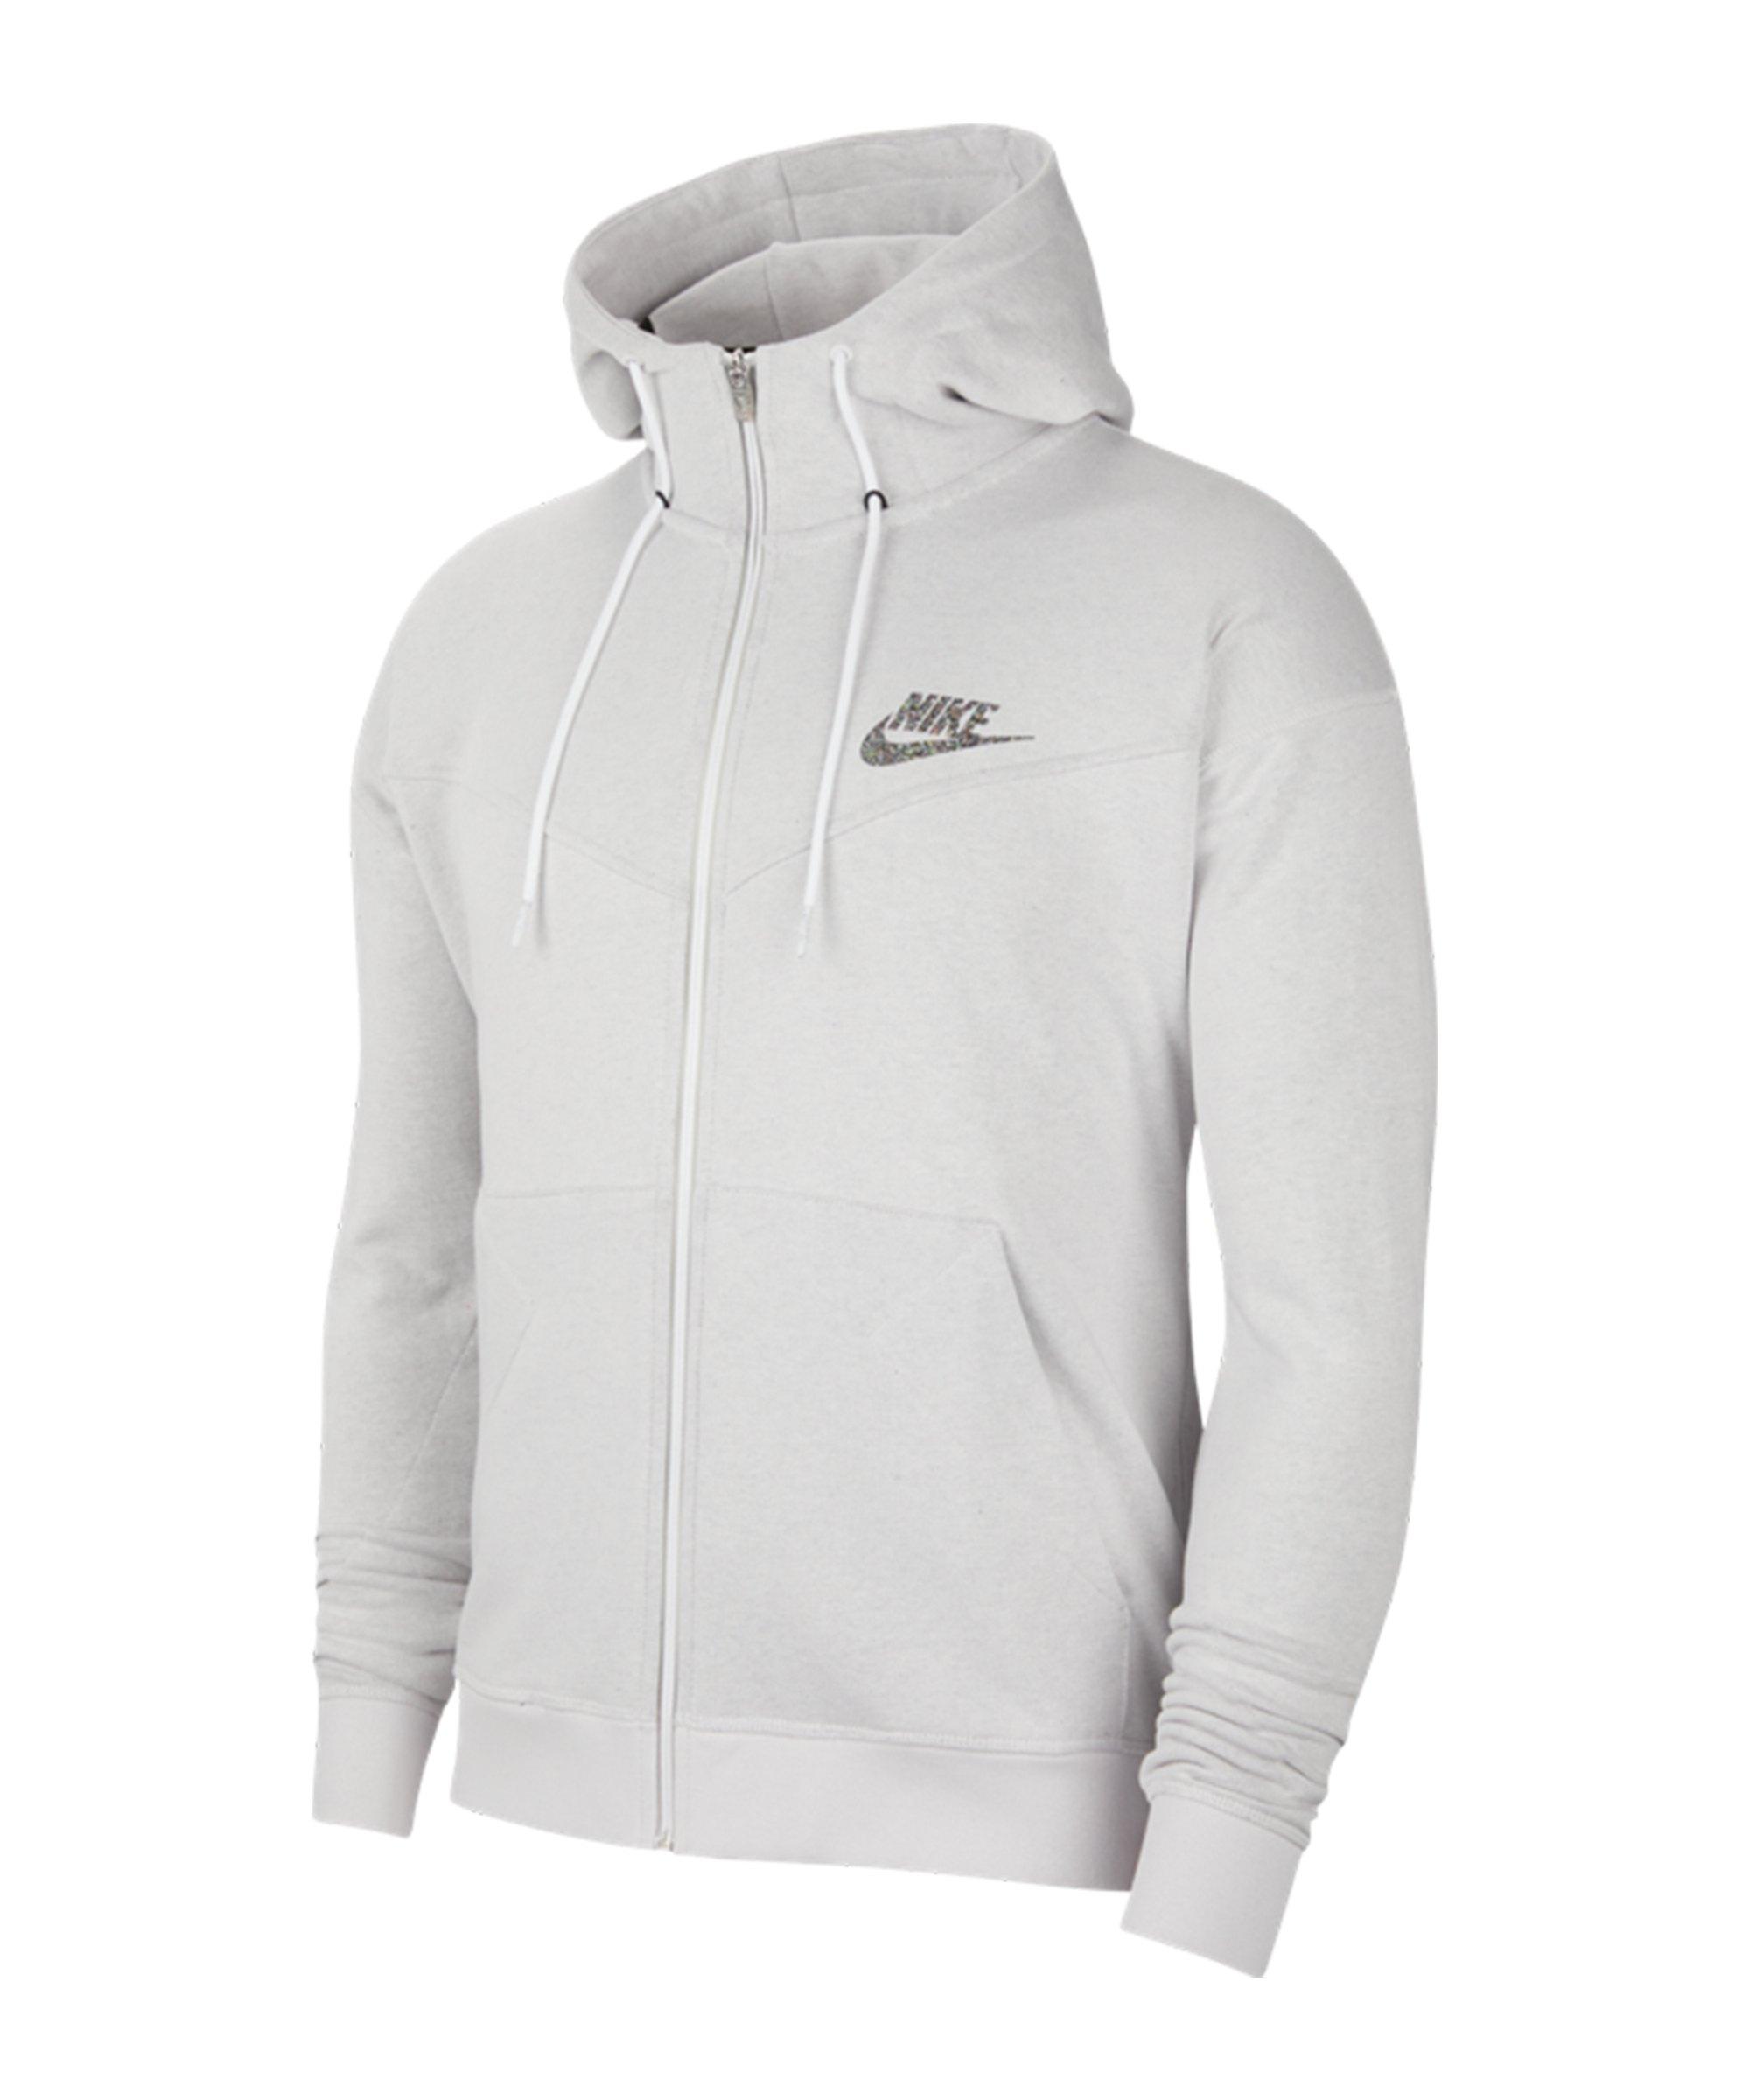 Nike Essentials Kapuzenjacke Beige F910 - beige